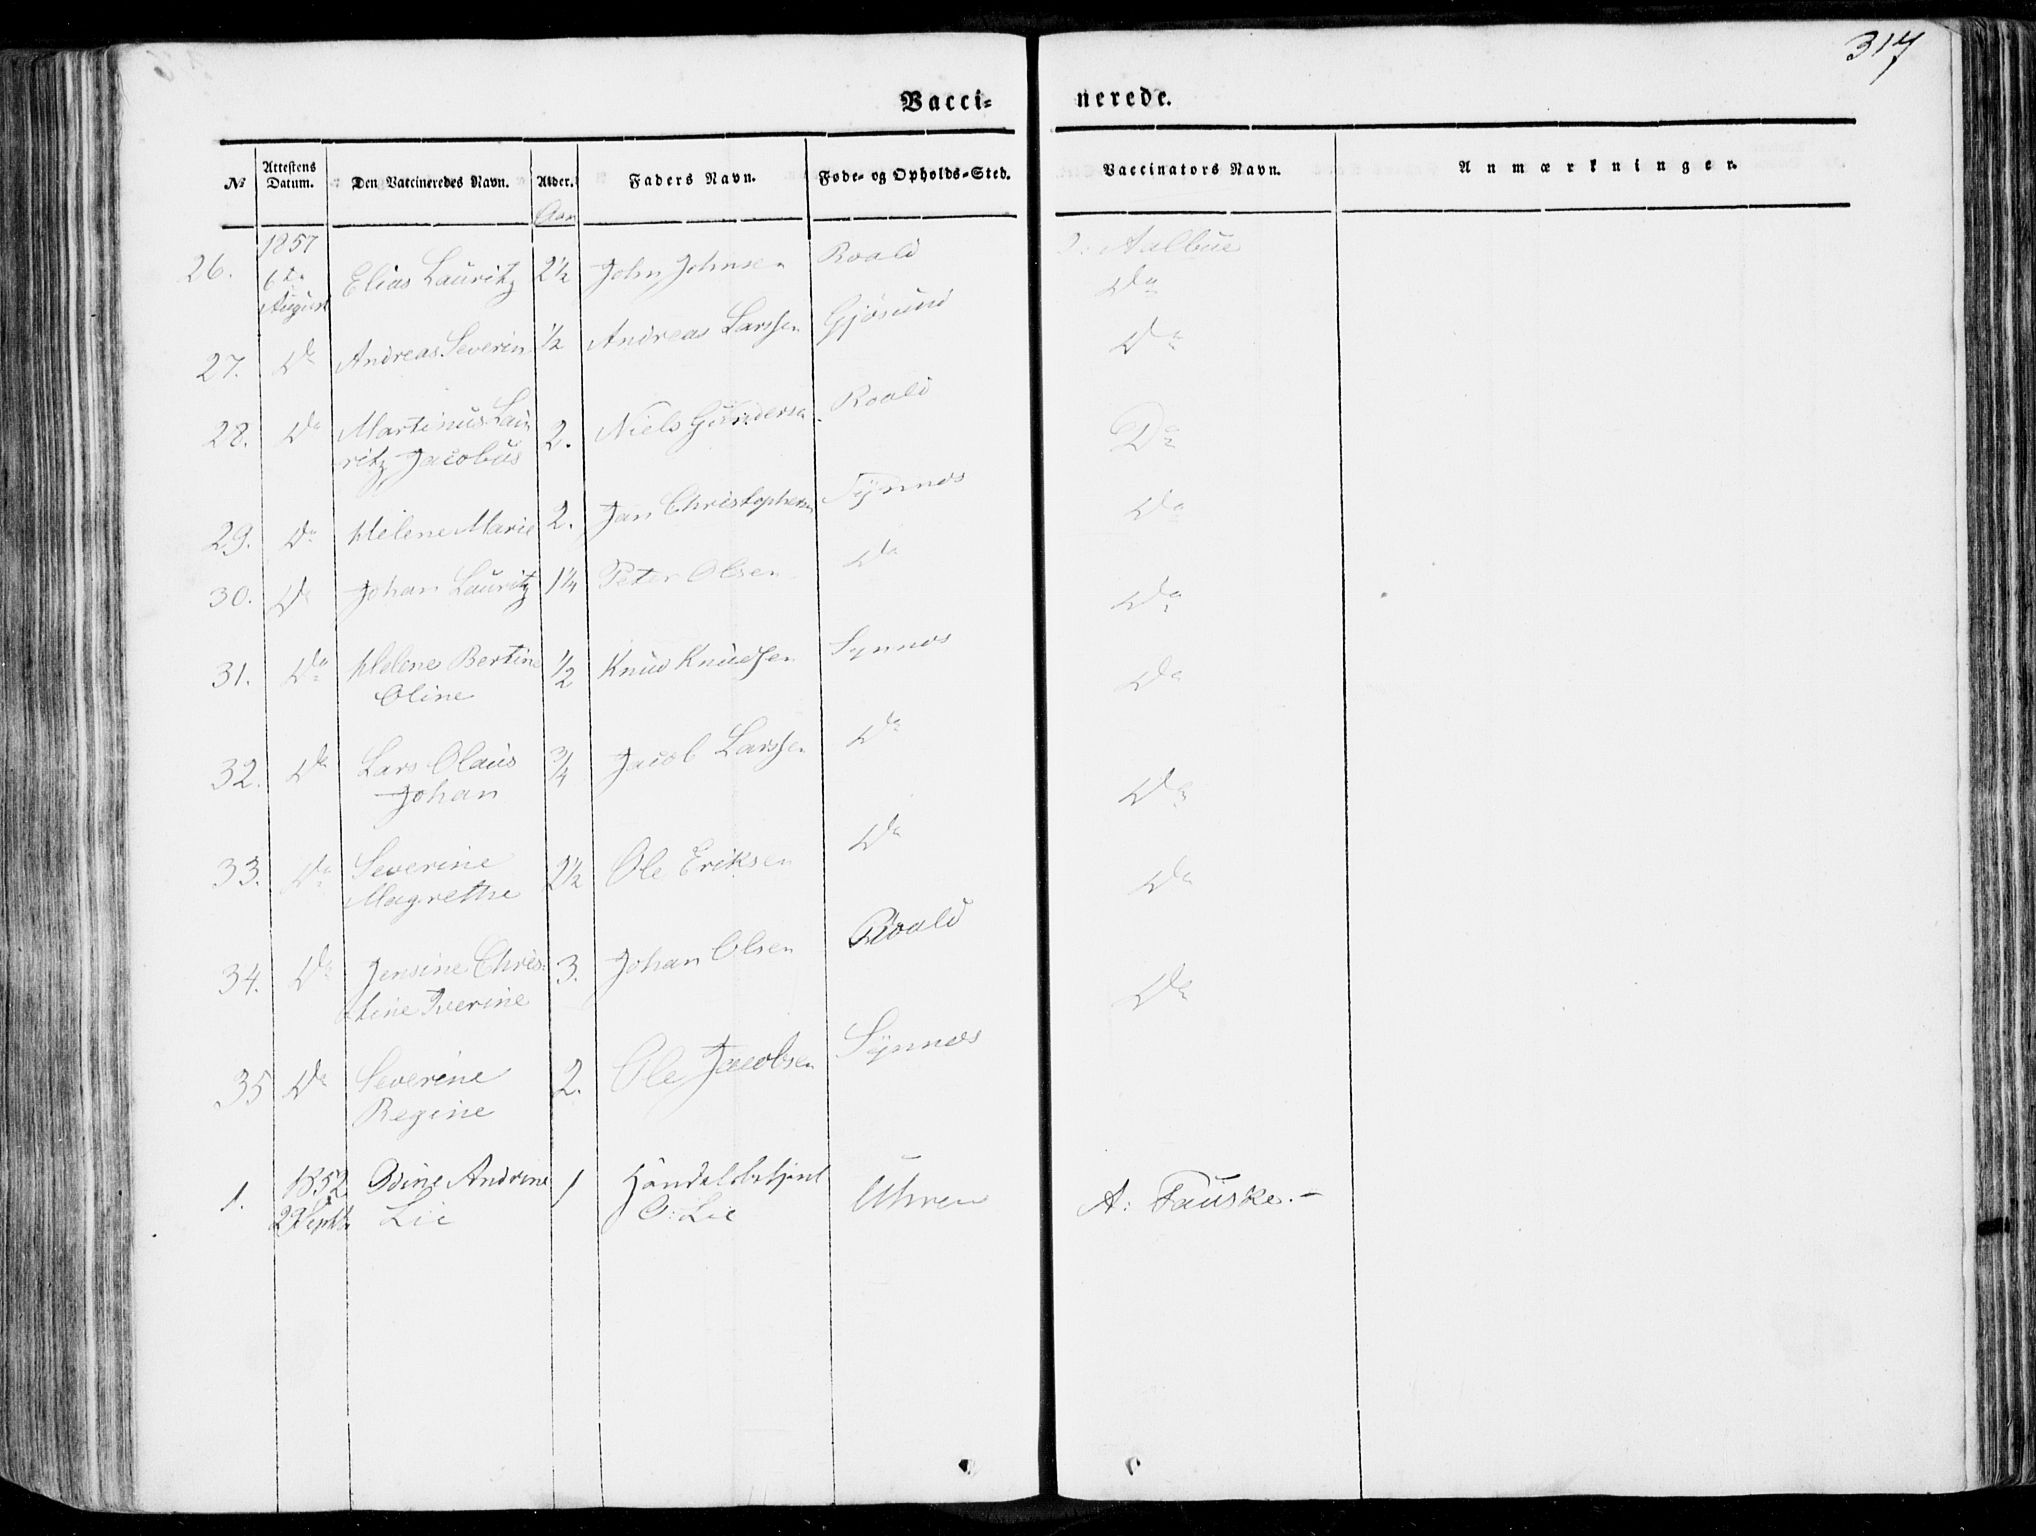 SAT, Ministerialprotokoller, klokkerbøker og fødselsregistre - Møre og Romsdal, 536/L0497: Ministerialbok nr. 536A06, 1845-1865, s. 317